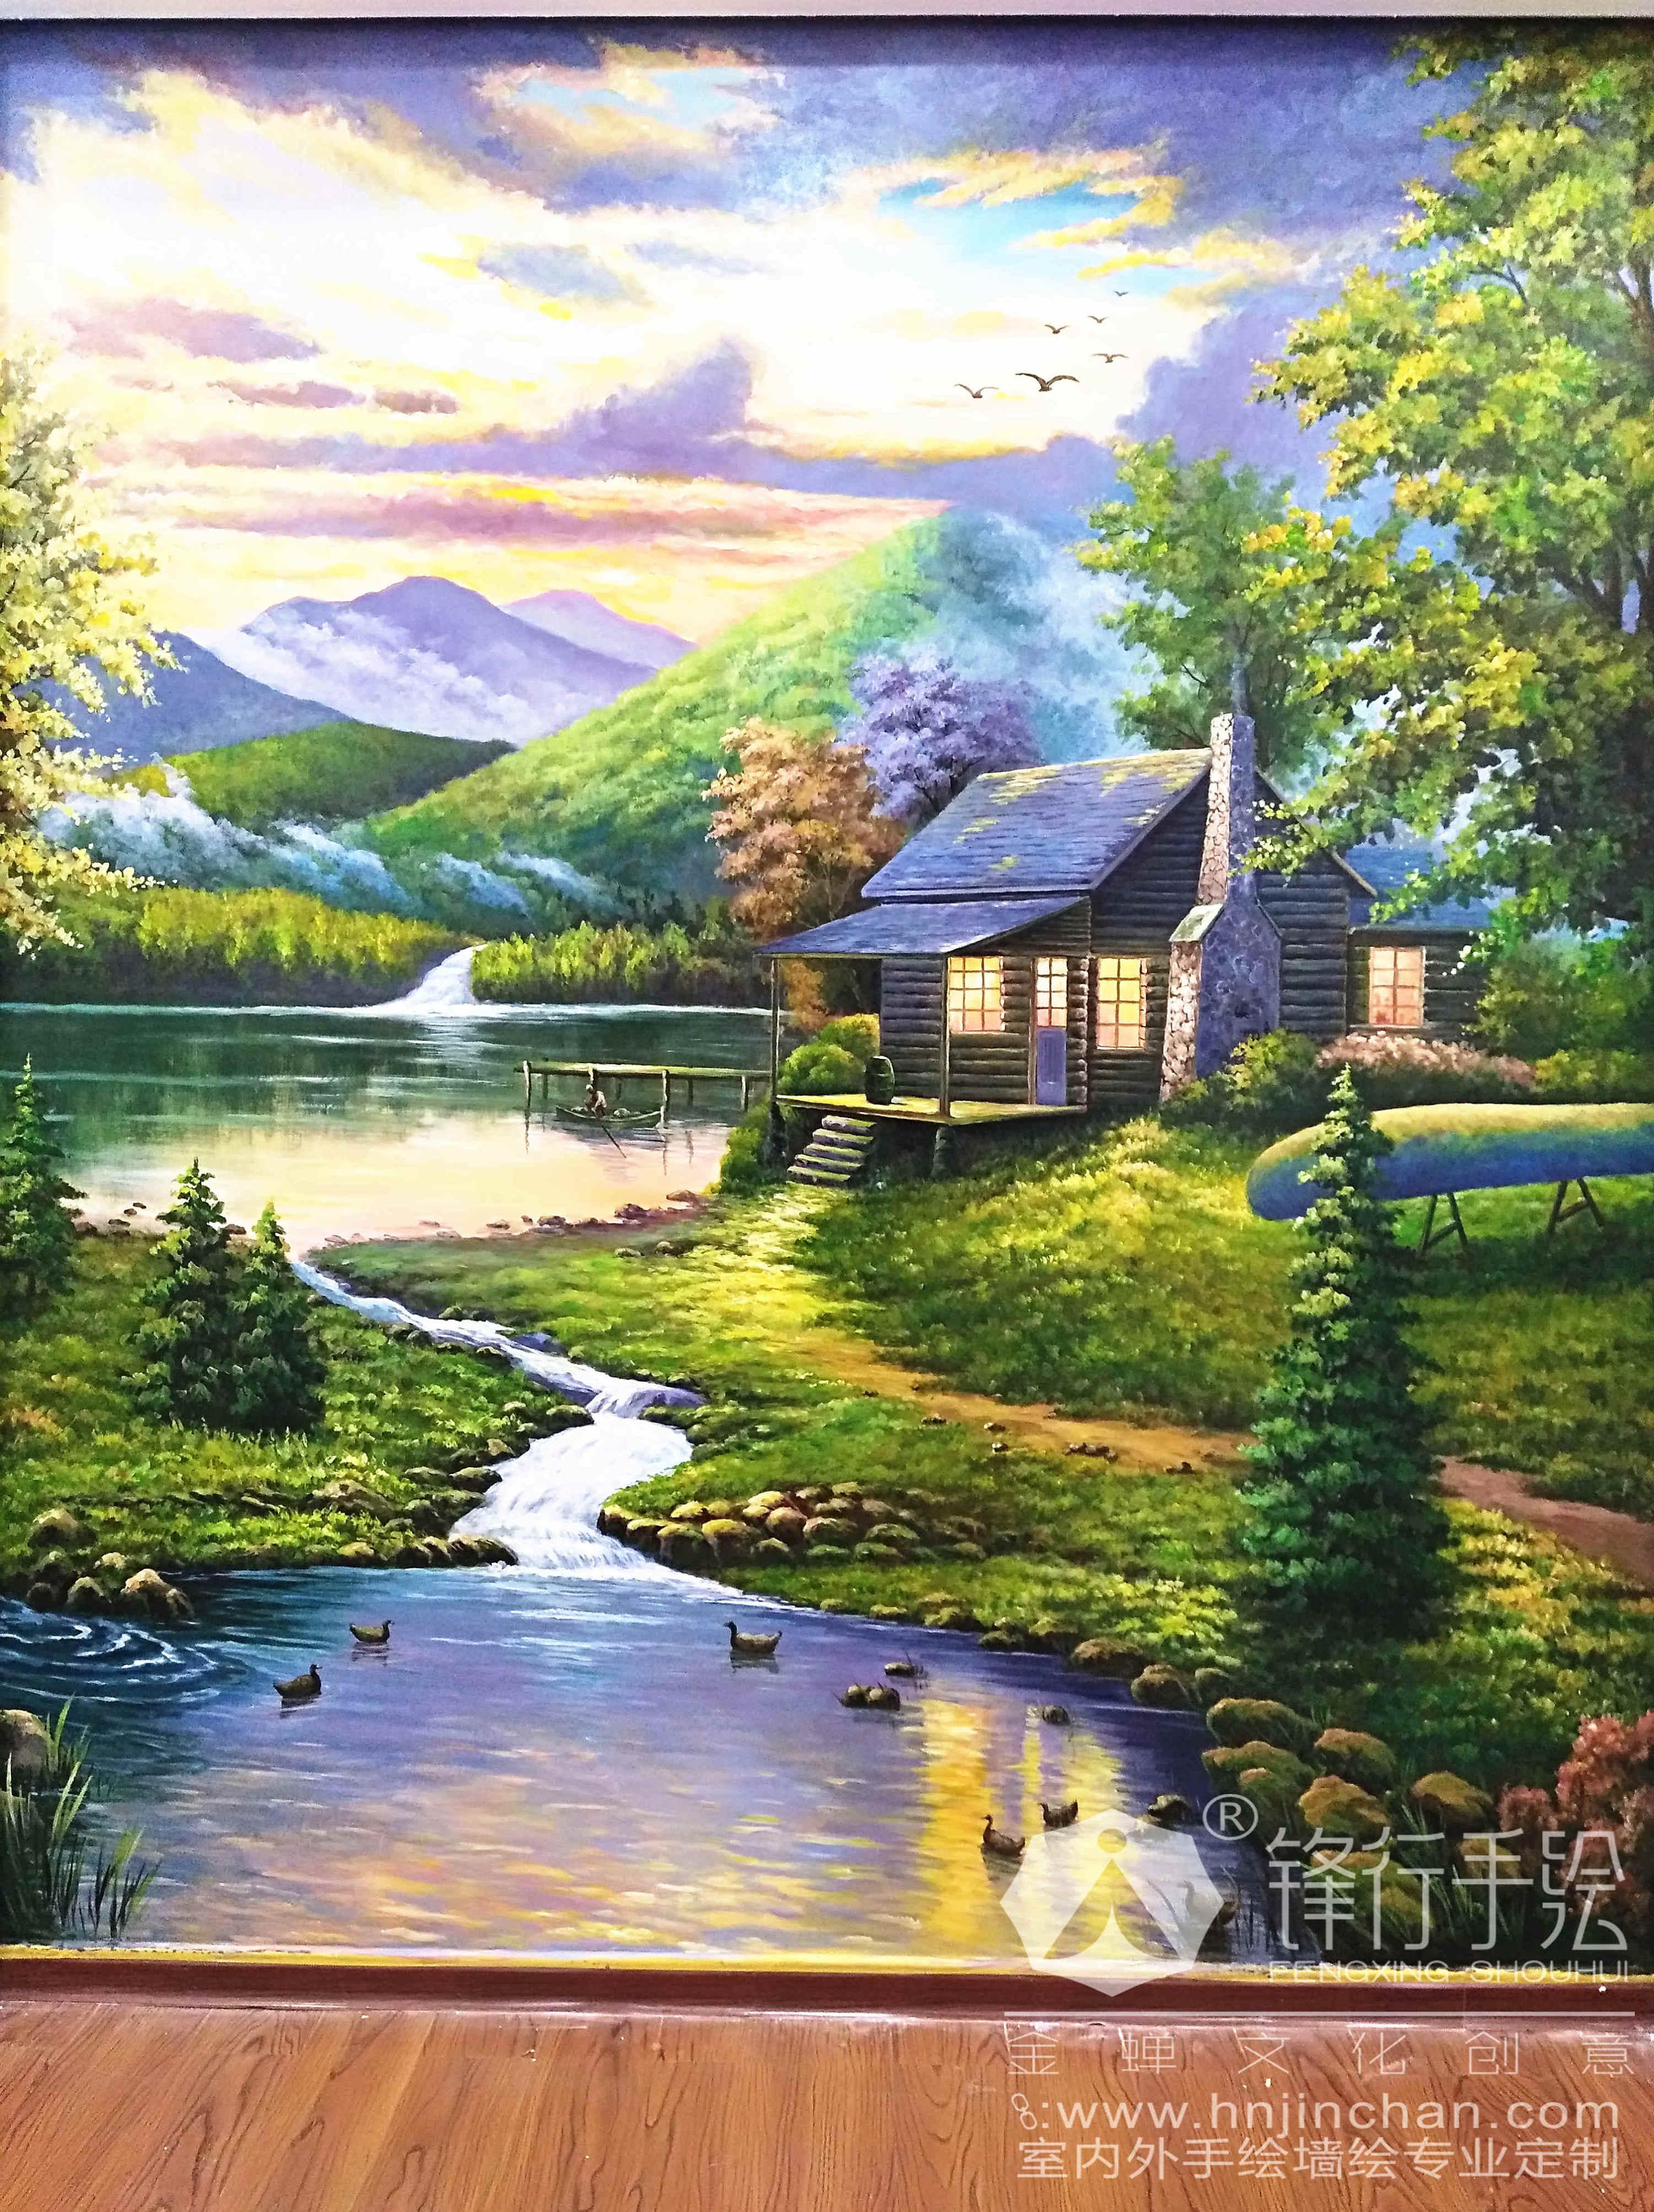 美涂士漆 風景墻繪 懷化鋒行手繪